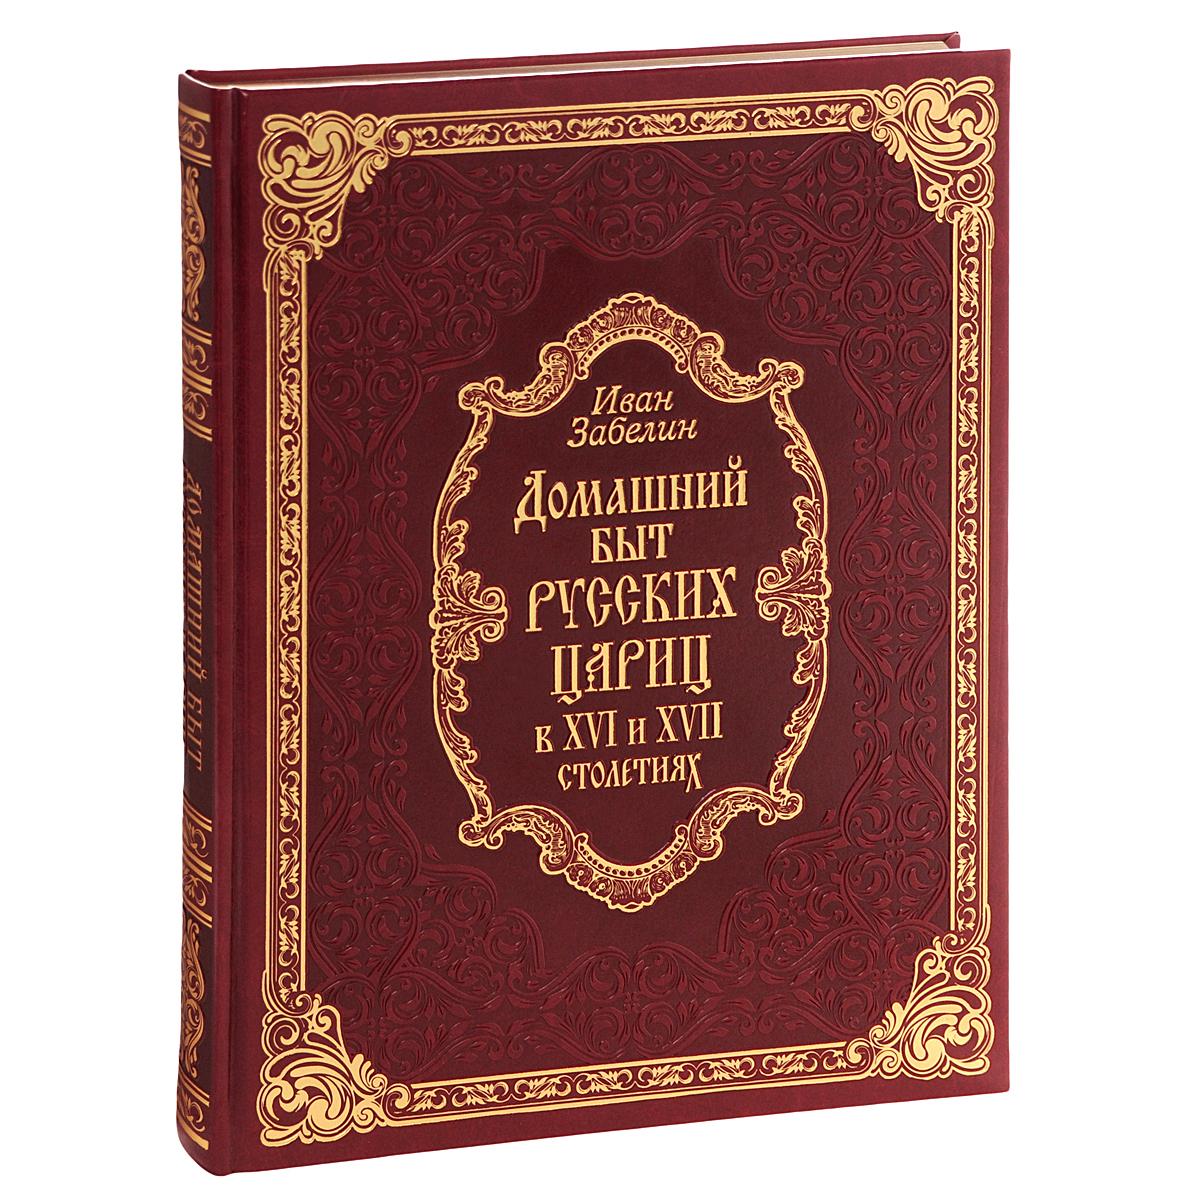 Иван Забелин Домашний быт русских цариц в XVI-XVII столетиях (подарочное издание)